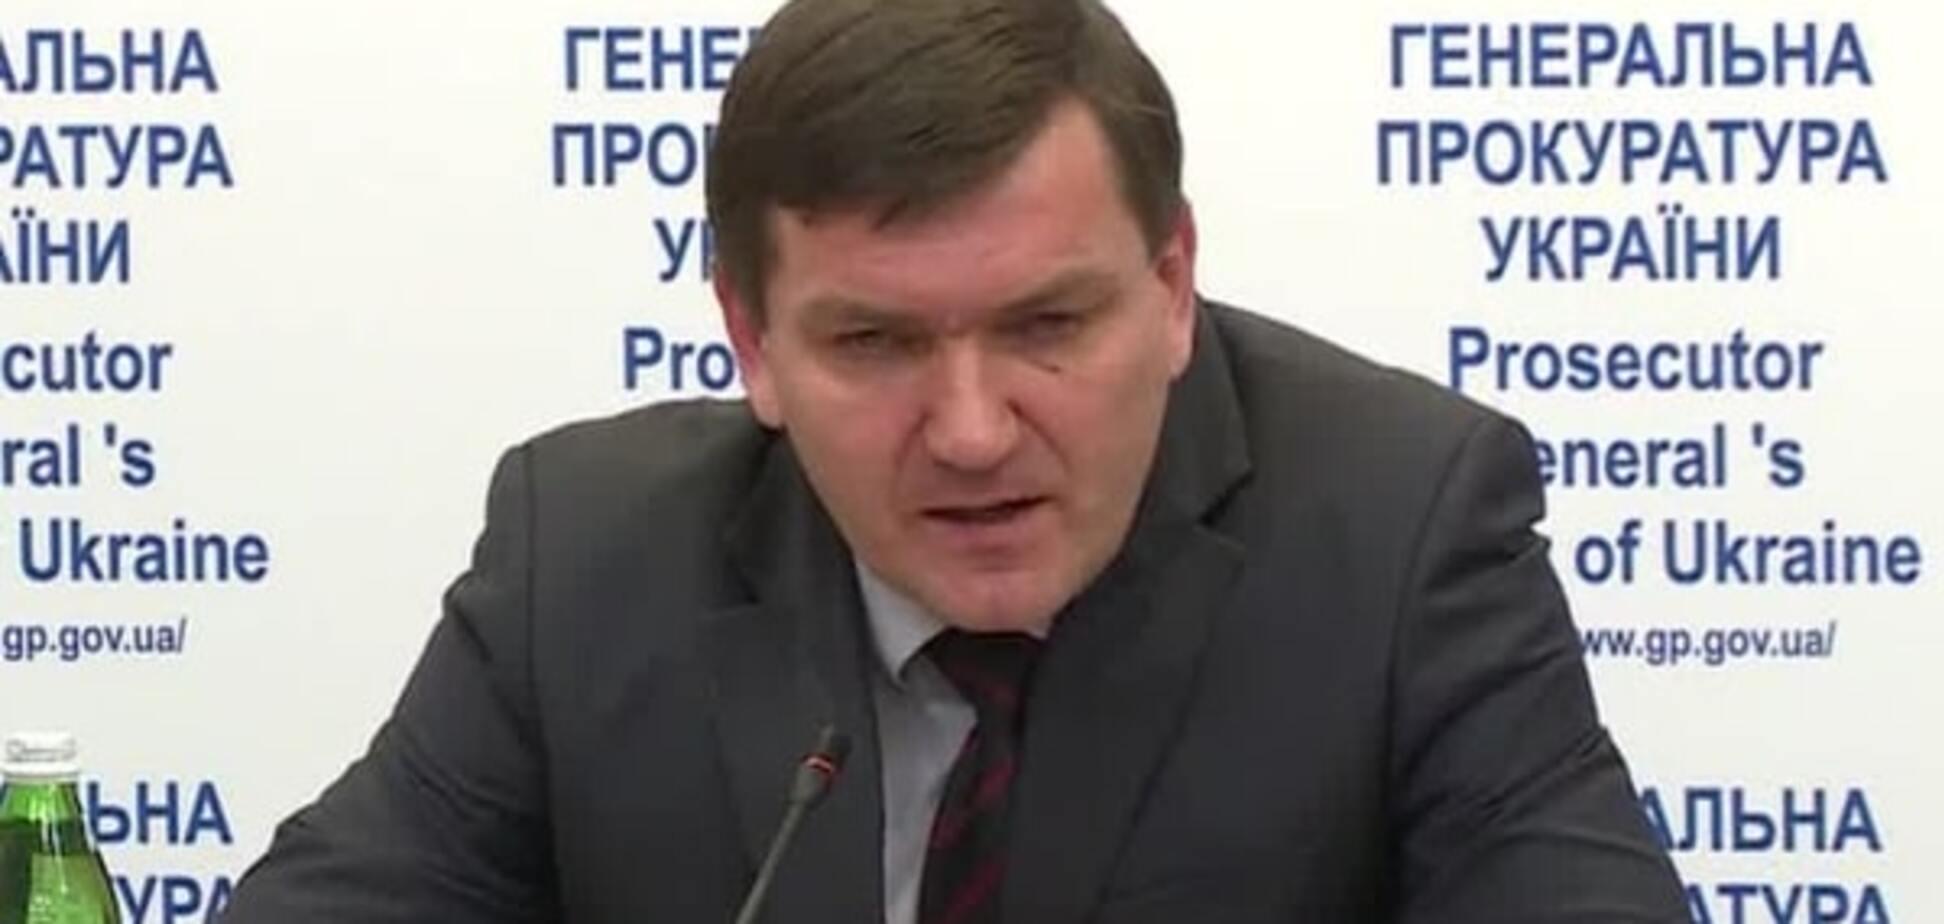 ГПУ заявила про відсутність доказів причетності Суркова до розстрілів Майдану